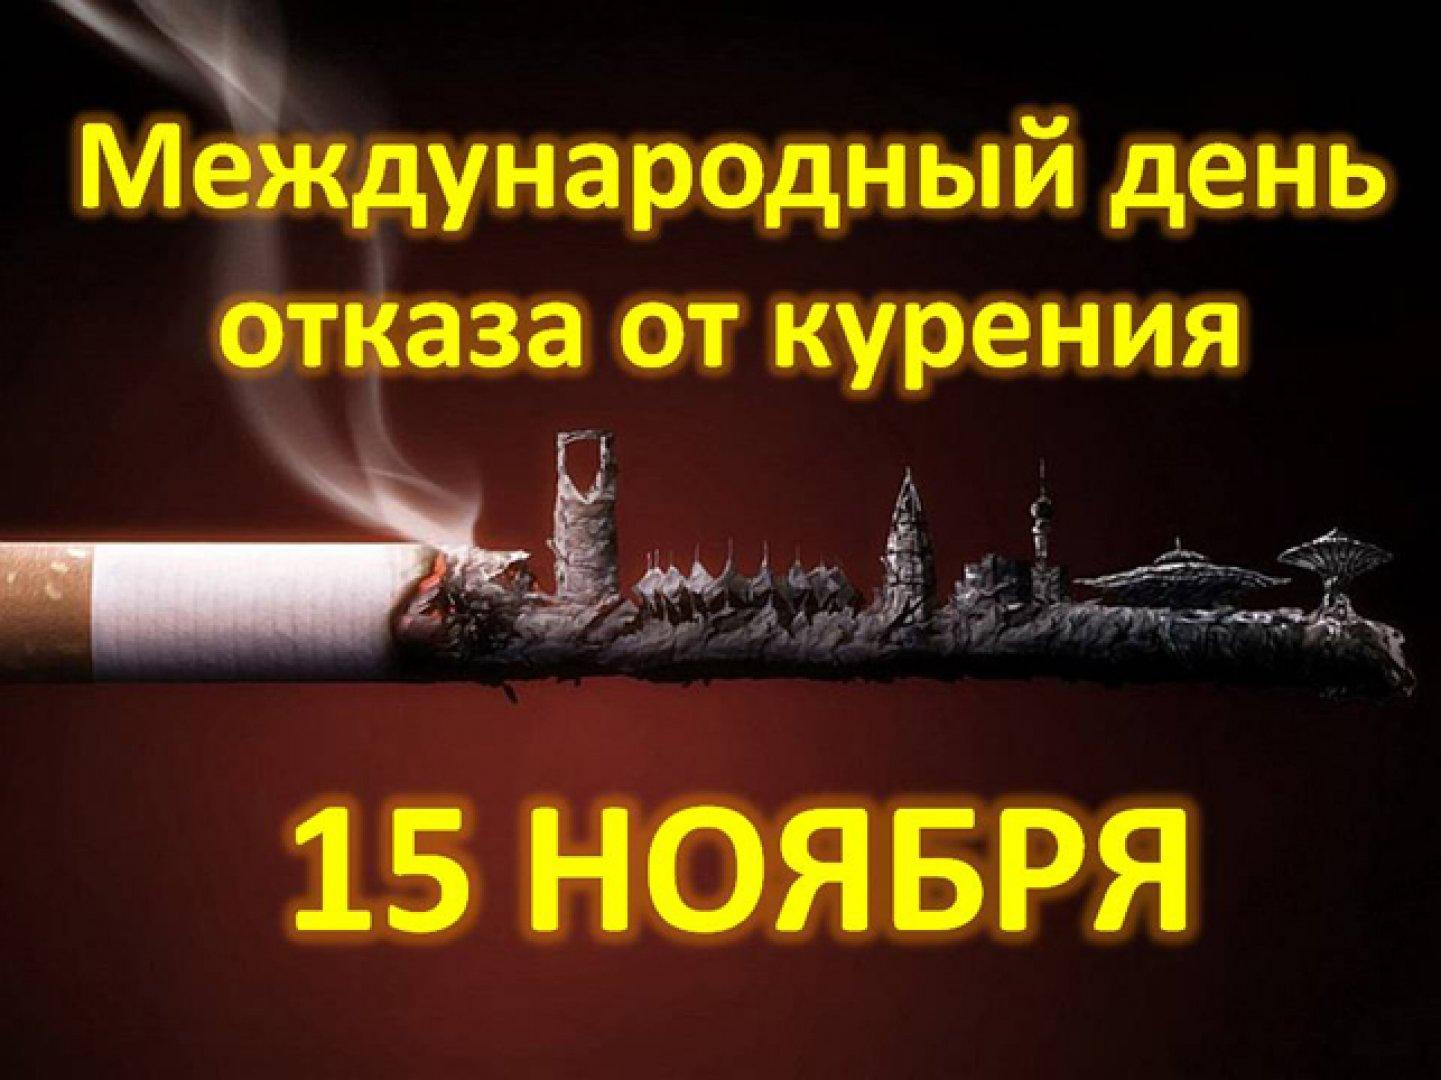 Картинки по запросу всемирный день отказа от курения